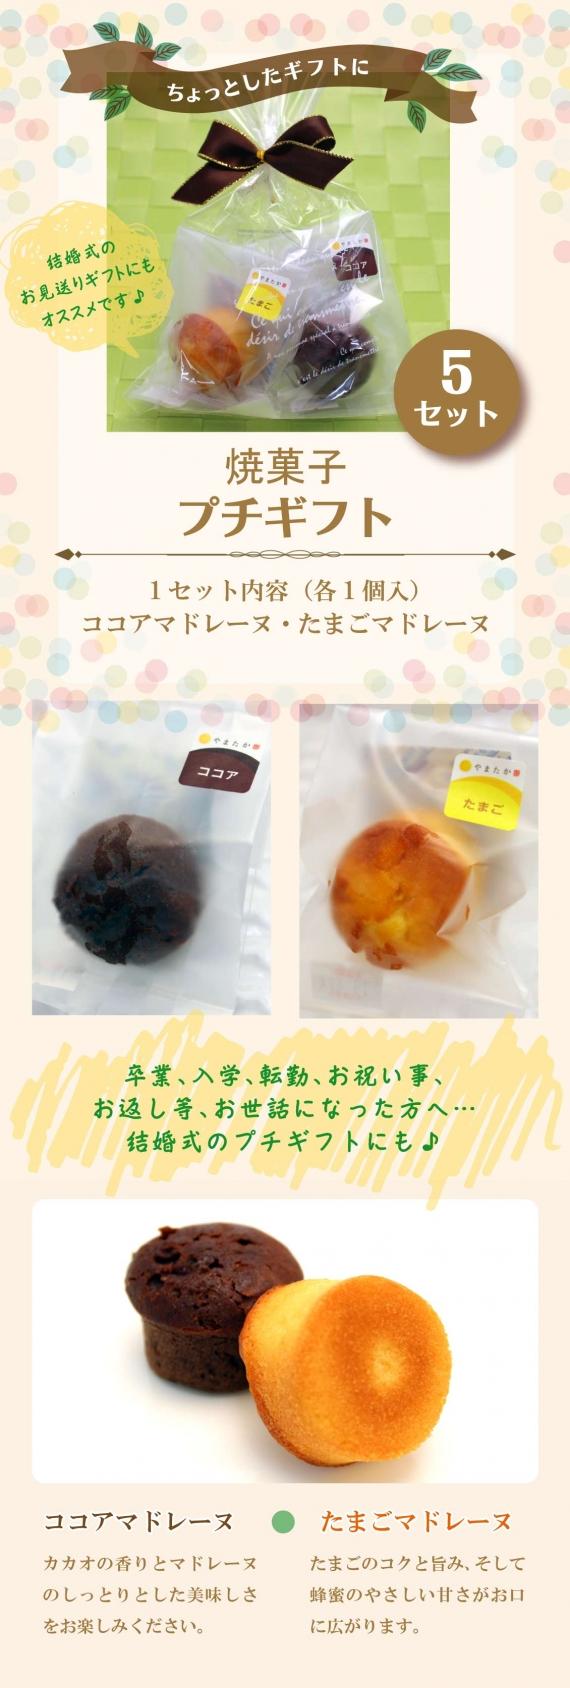 <47CLUB>プチギフト【5セット】玉子職人のプチ・マドレーヌ2種 たまご・ココア(各1個)